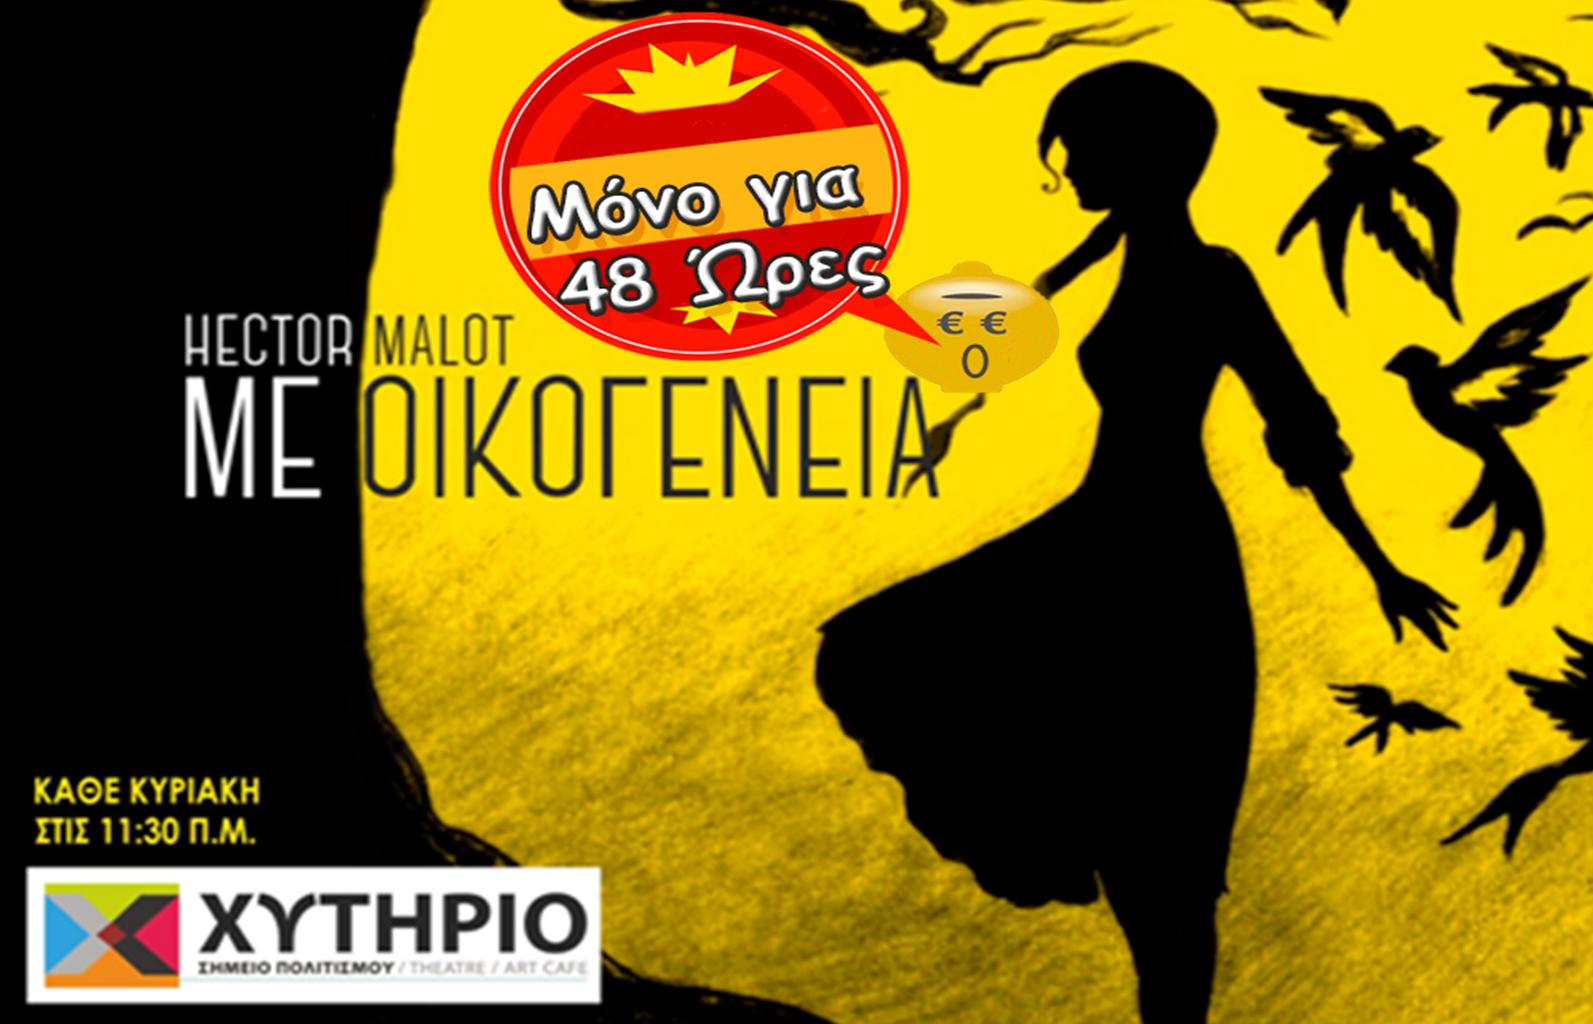 MONO ΓΙΑ 48 ΩΡΕΣ Friends & Family Πακέτο: Από 3,5€ για είσοδο στο βραβευμένο μυθιστόρημα του Hector Malot ''Με Οικογένεια'', μια παράσταση-ύμνος στην ανιδιοτελή αγάπη, στην παιδική-εφηβική σκηνή του Χυτηρίου στο Γκάζι εικόνα